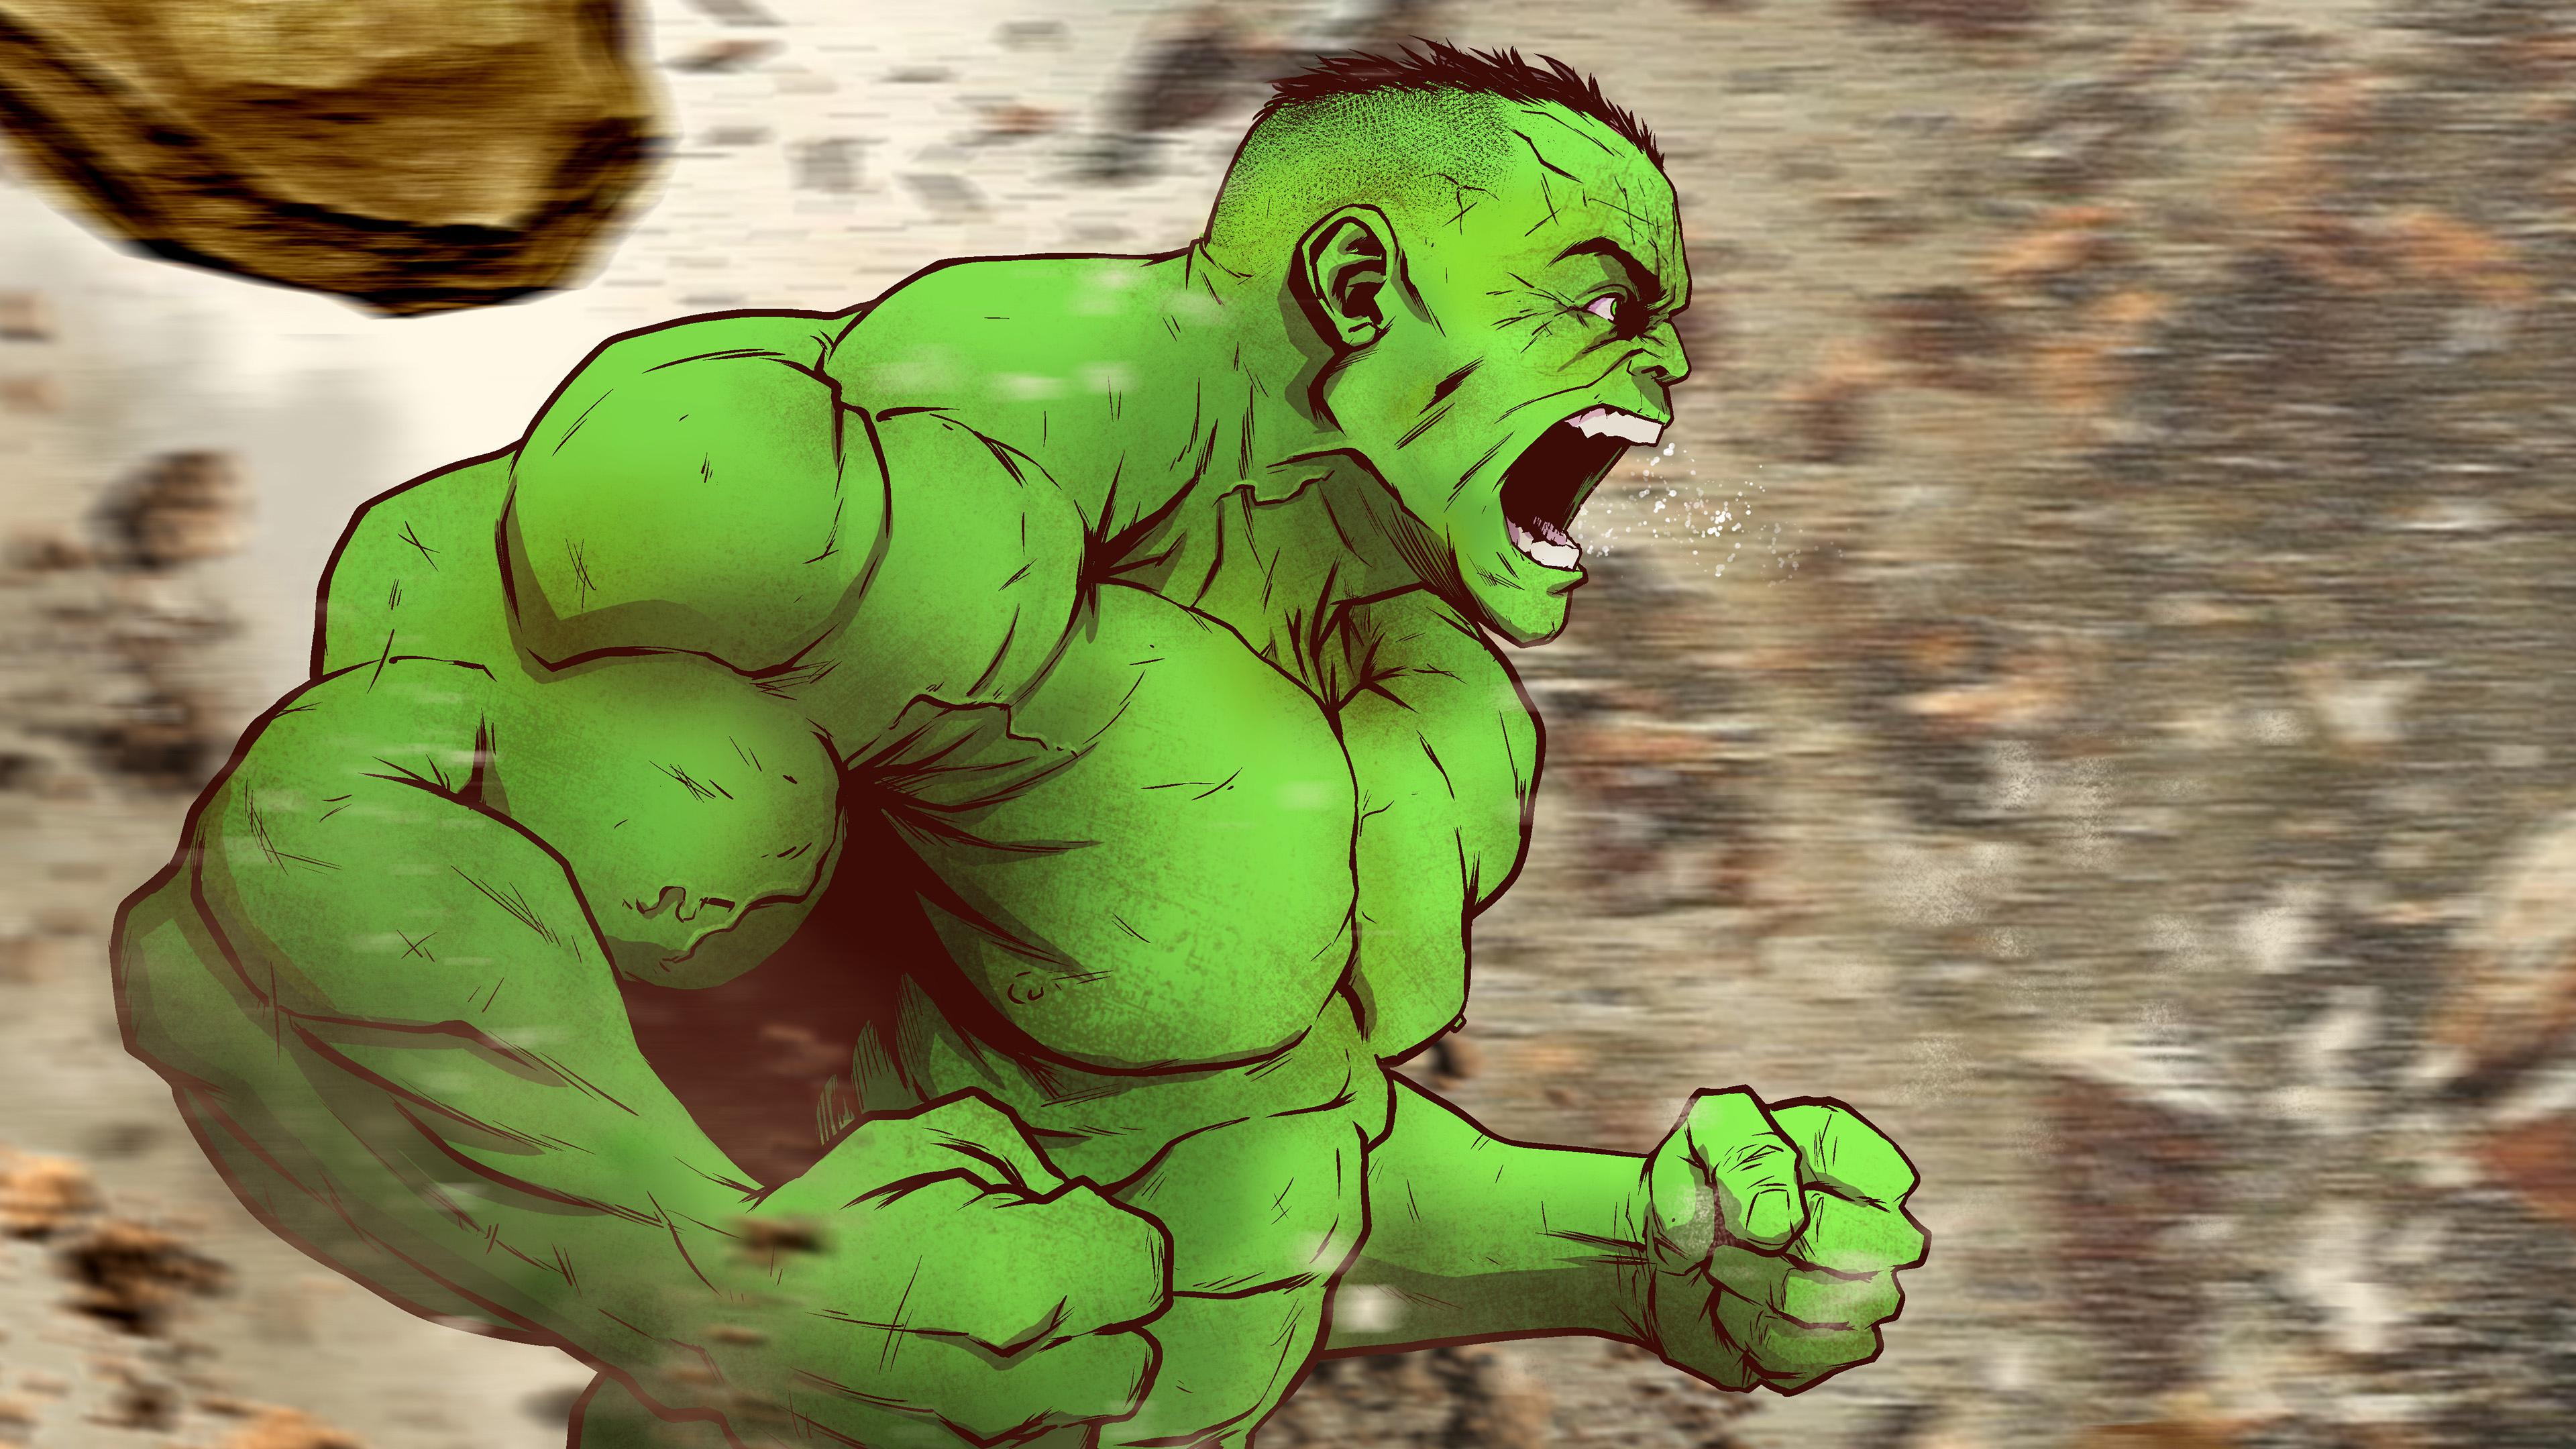 2048x2048 Hulk 4k Arts Ipad Air Hd 4k Wallpapers Images